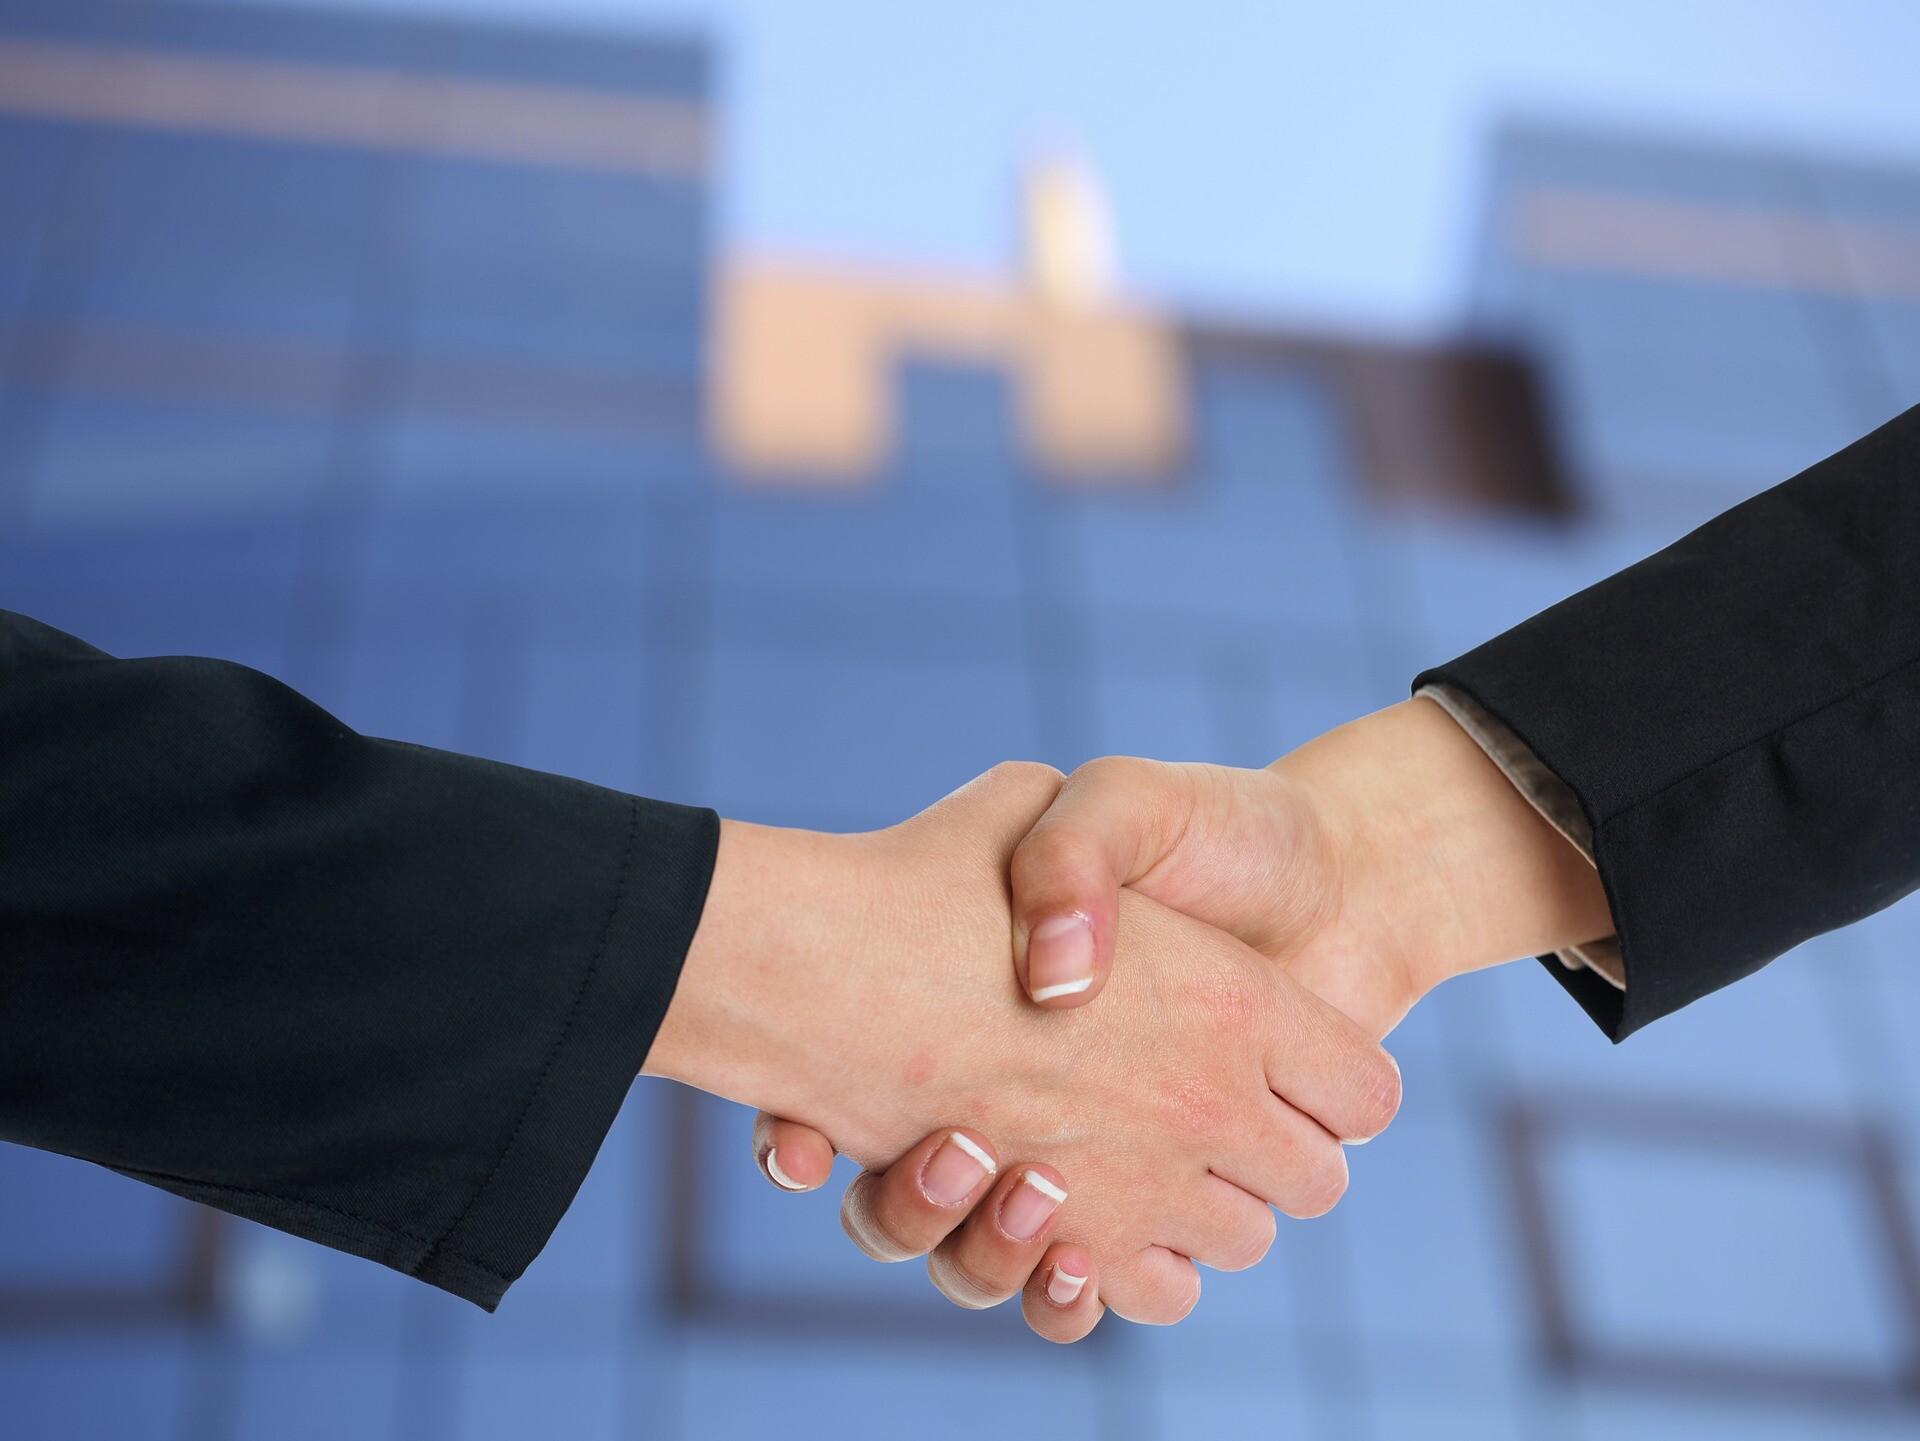 RGPD ¿Qués es y Como adaptarlo a la empresa?